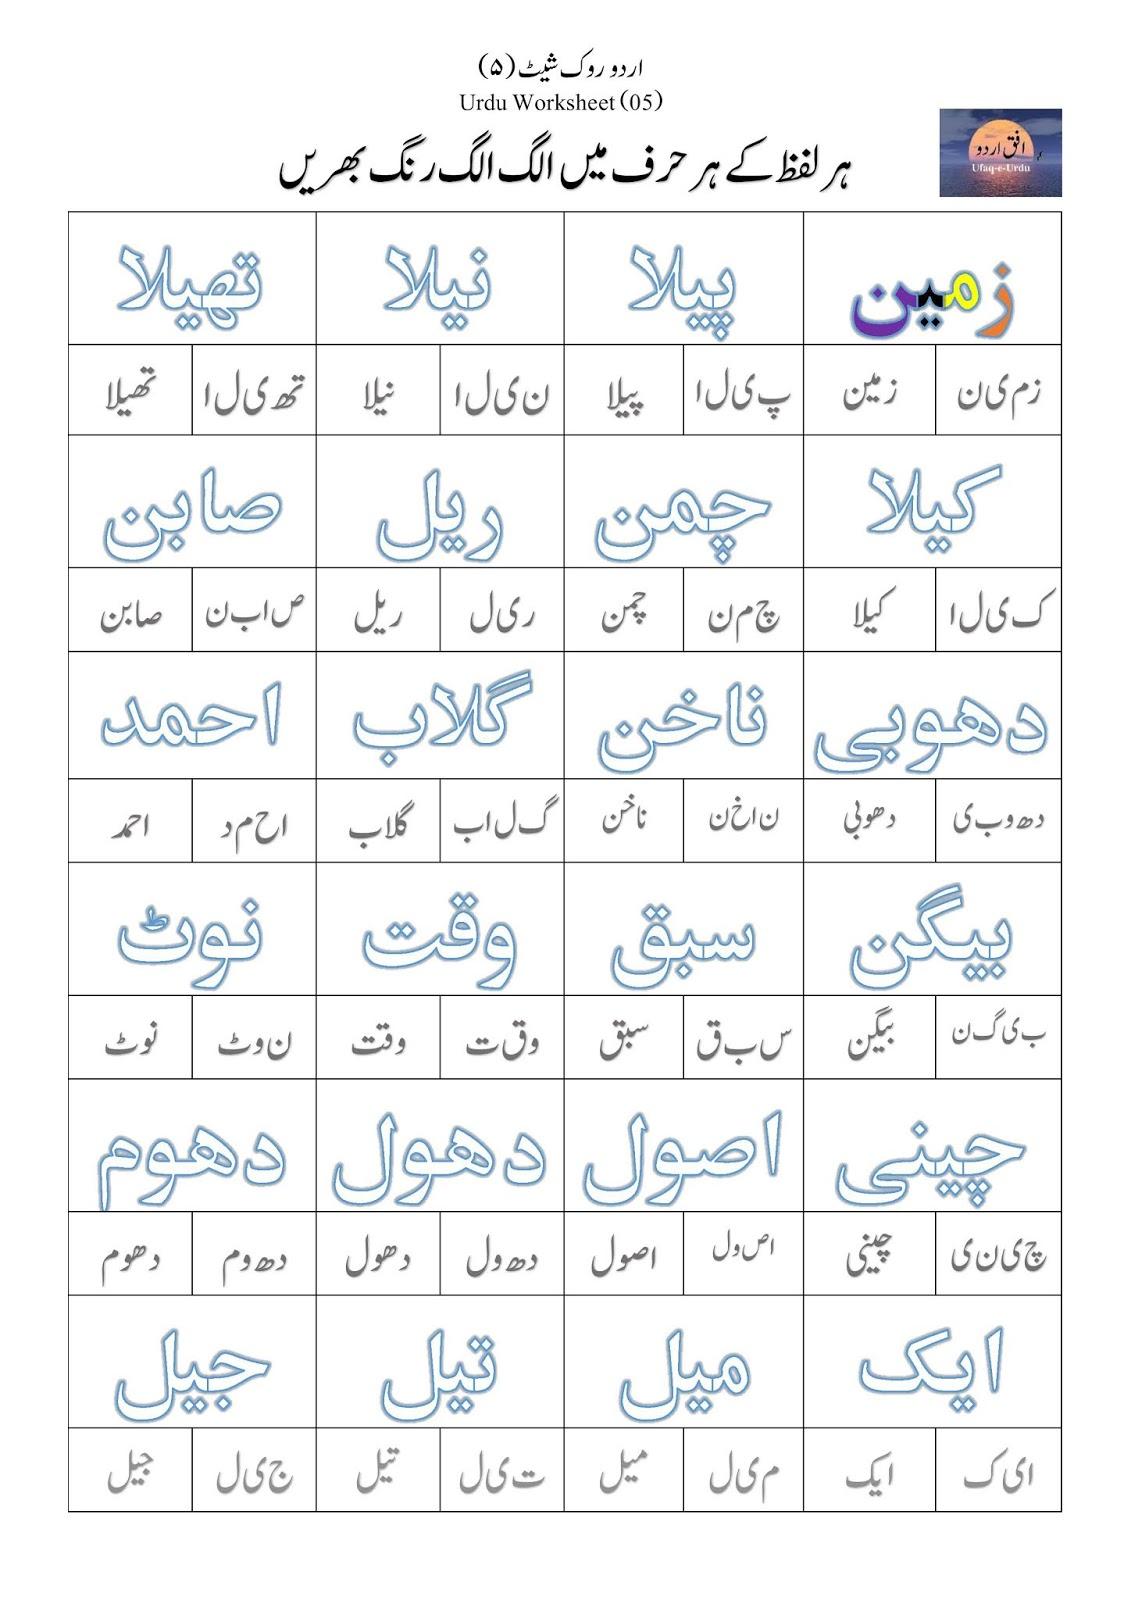 Urdu Worksheet 5